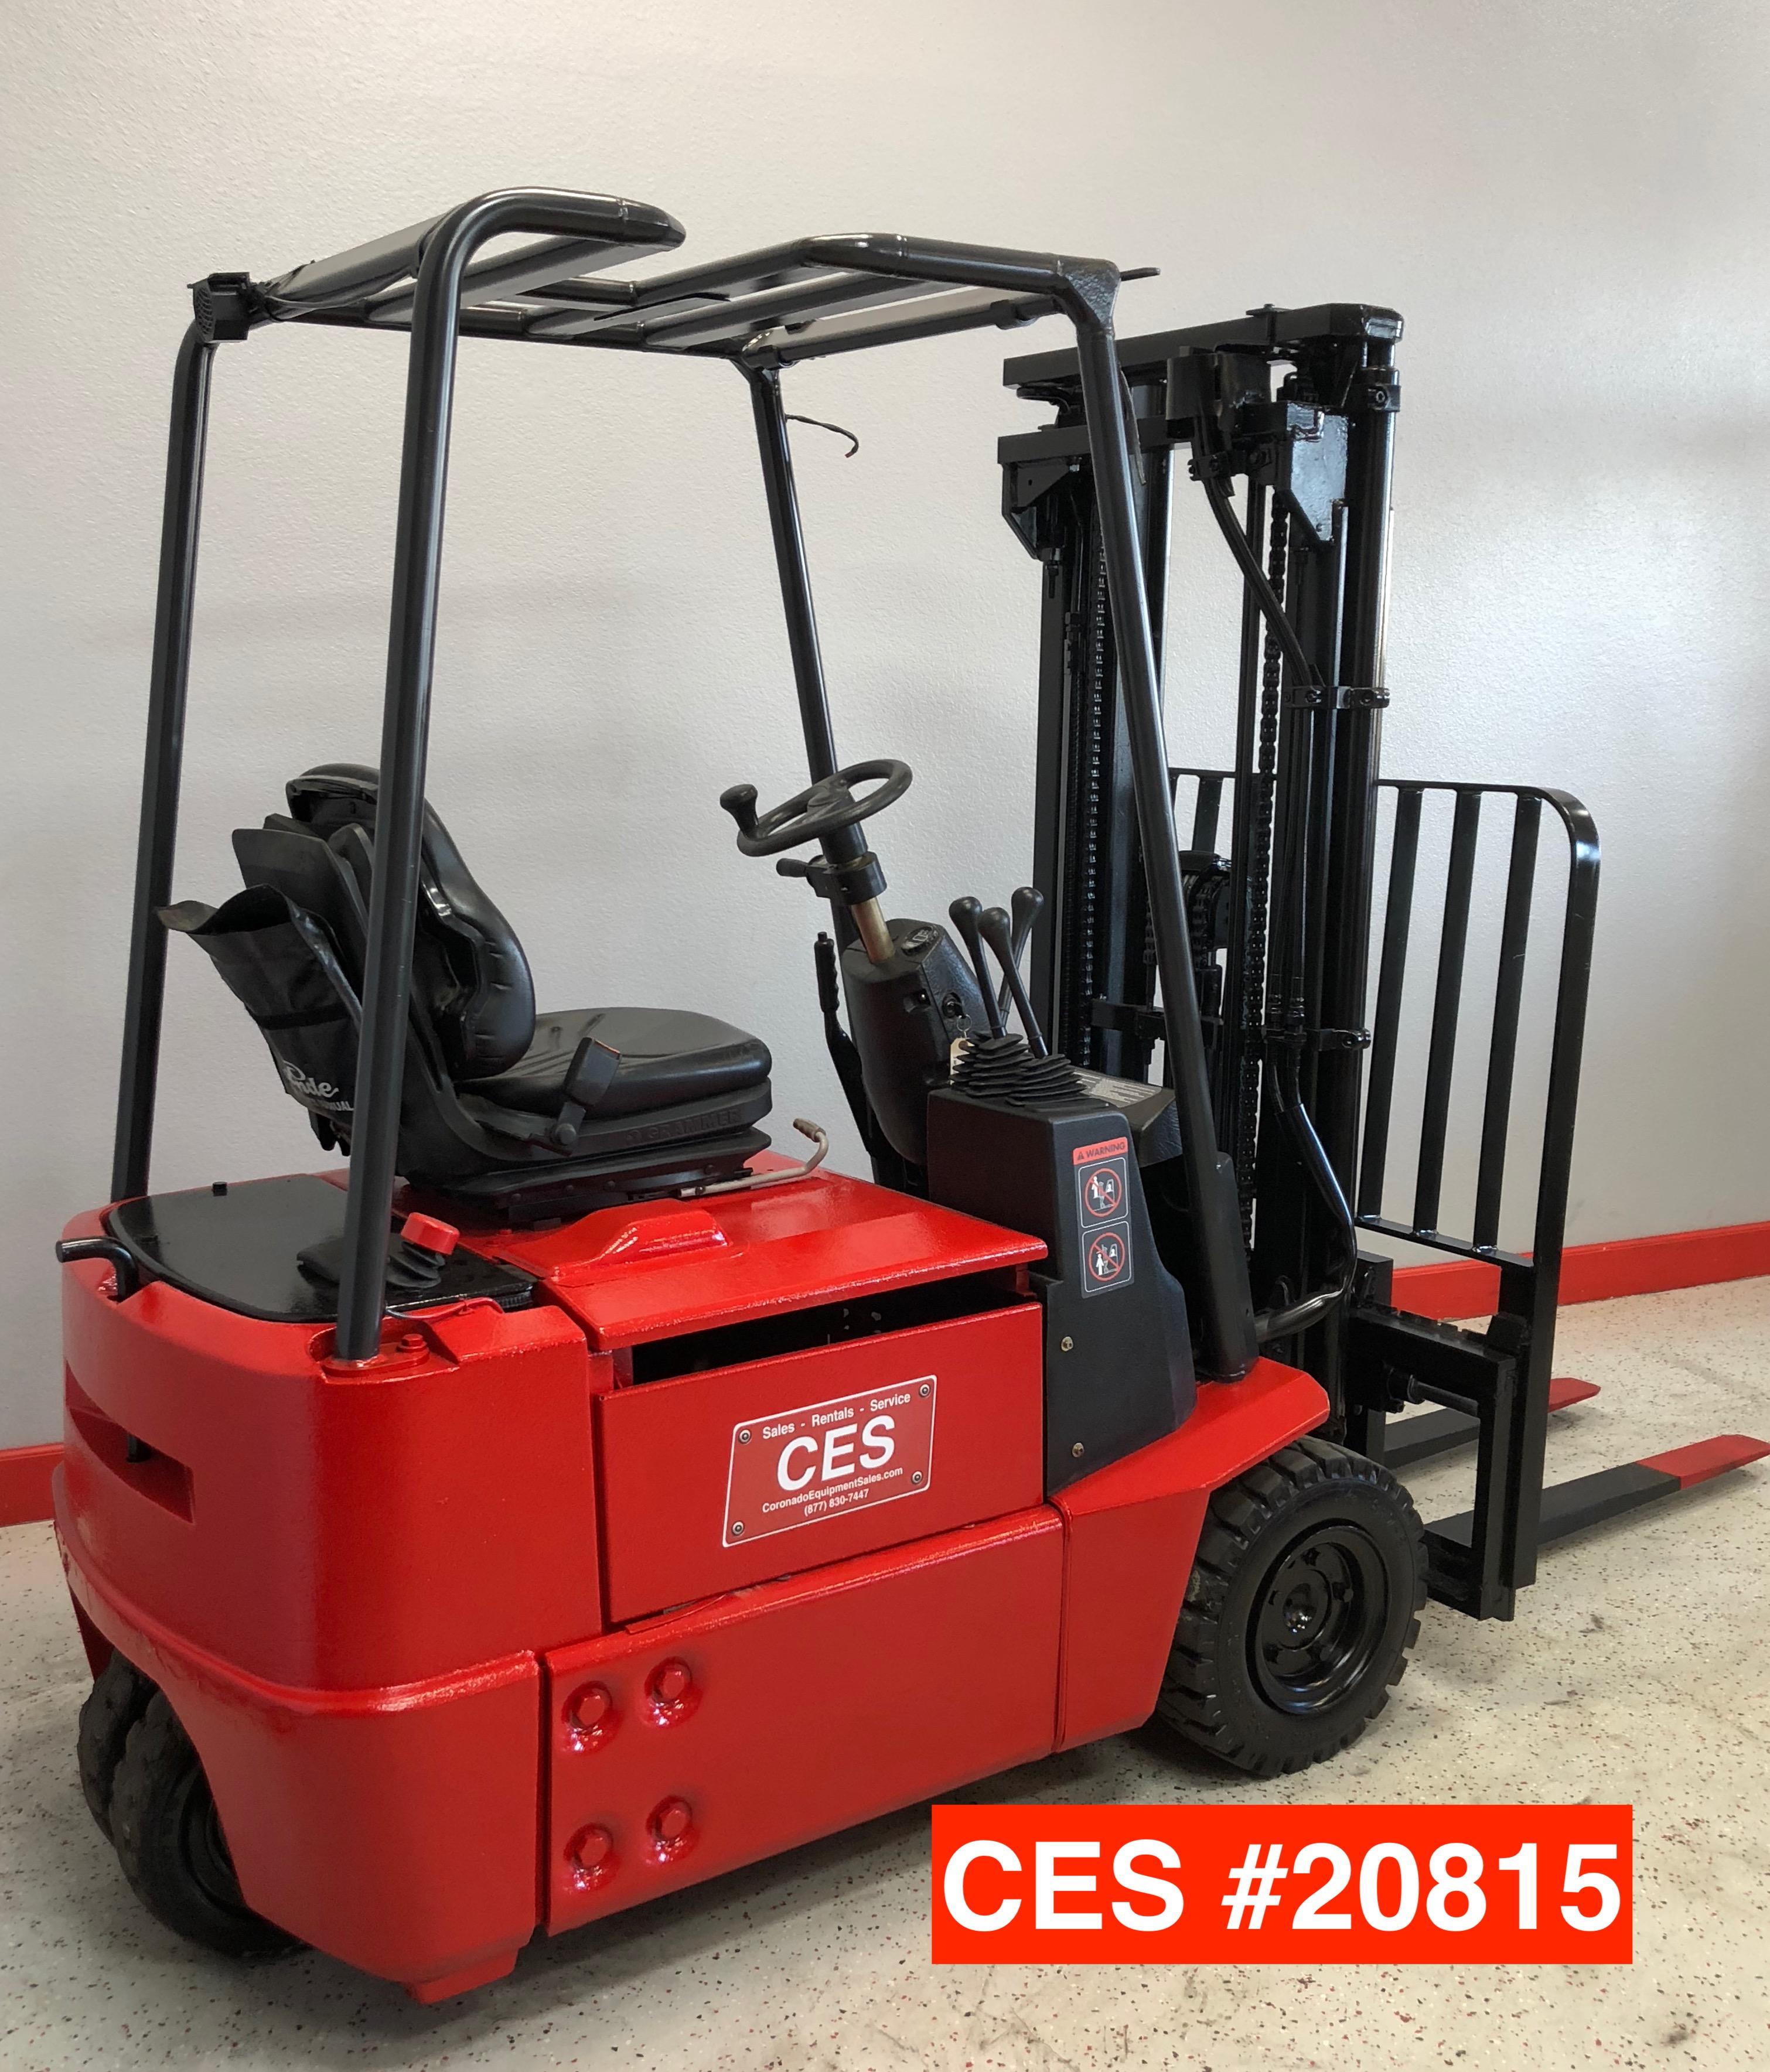 Super CES #20815 Linde E15 3 Wheel Electric Forklift #JM_77